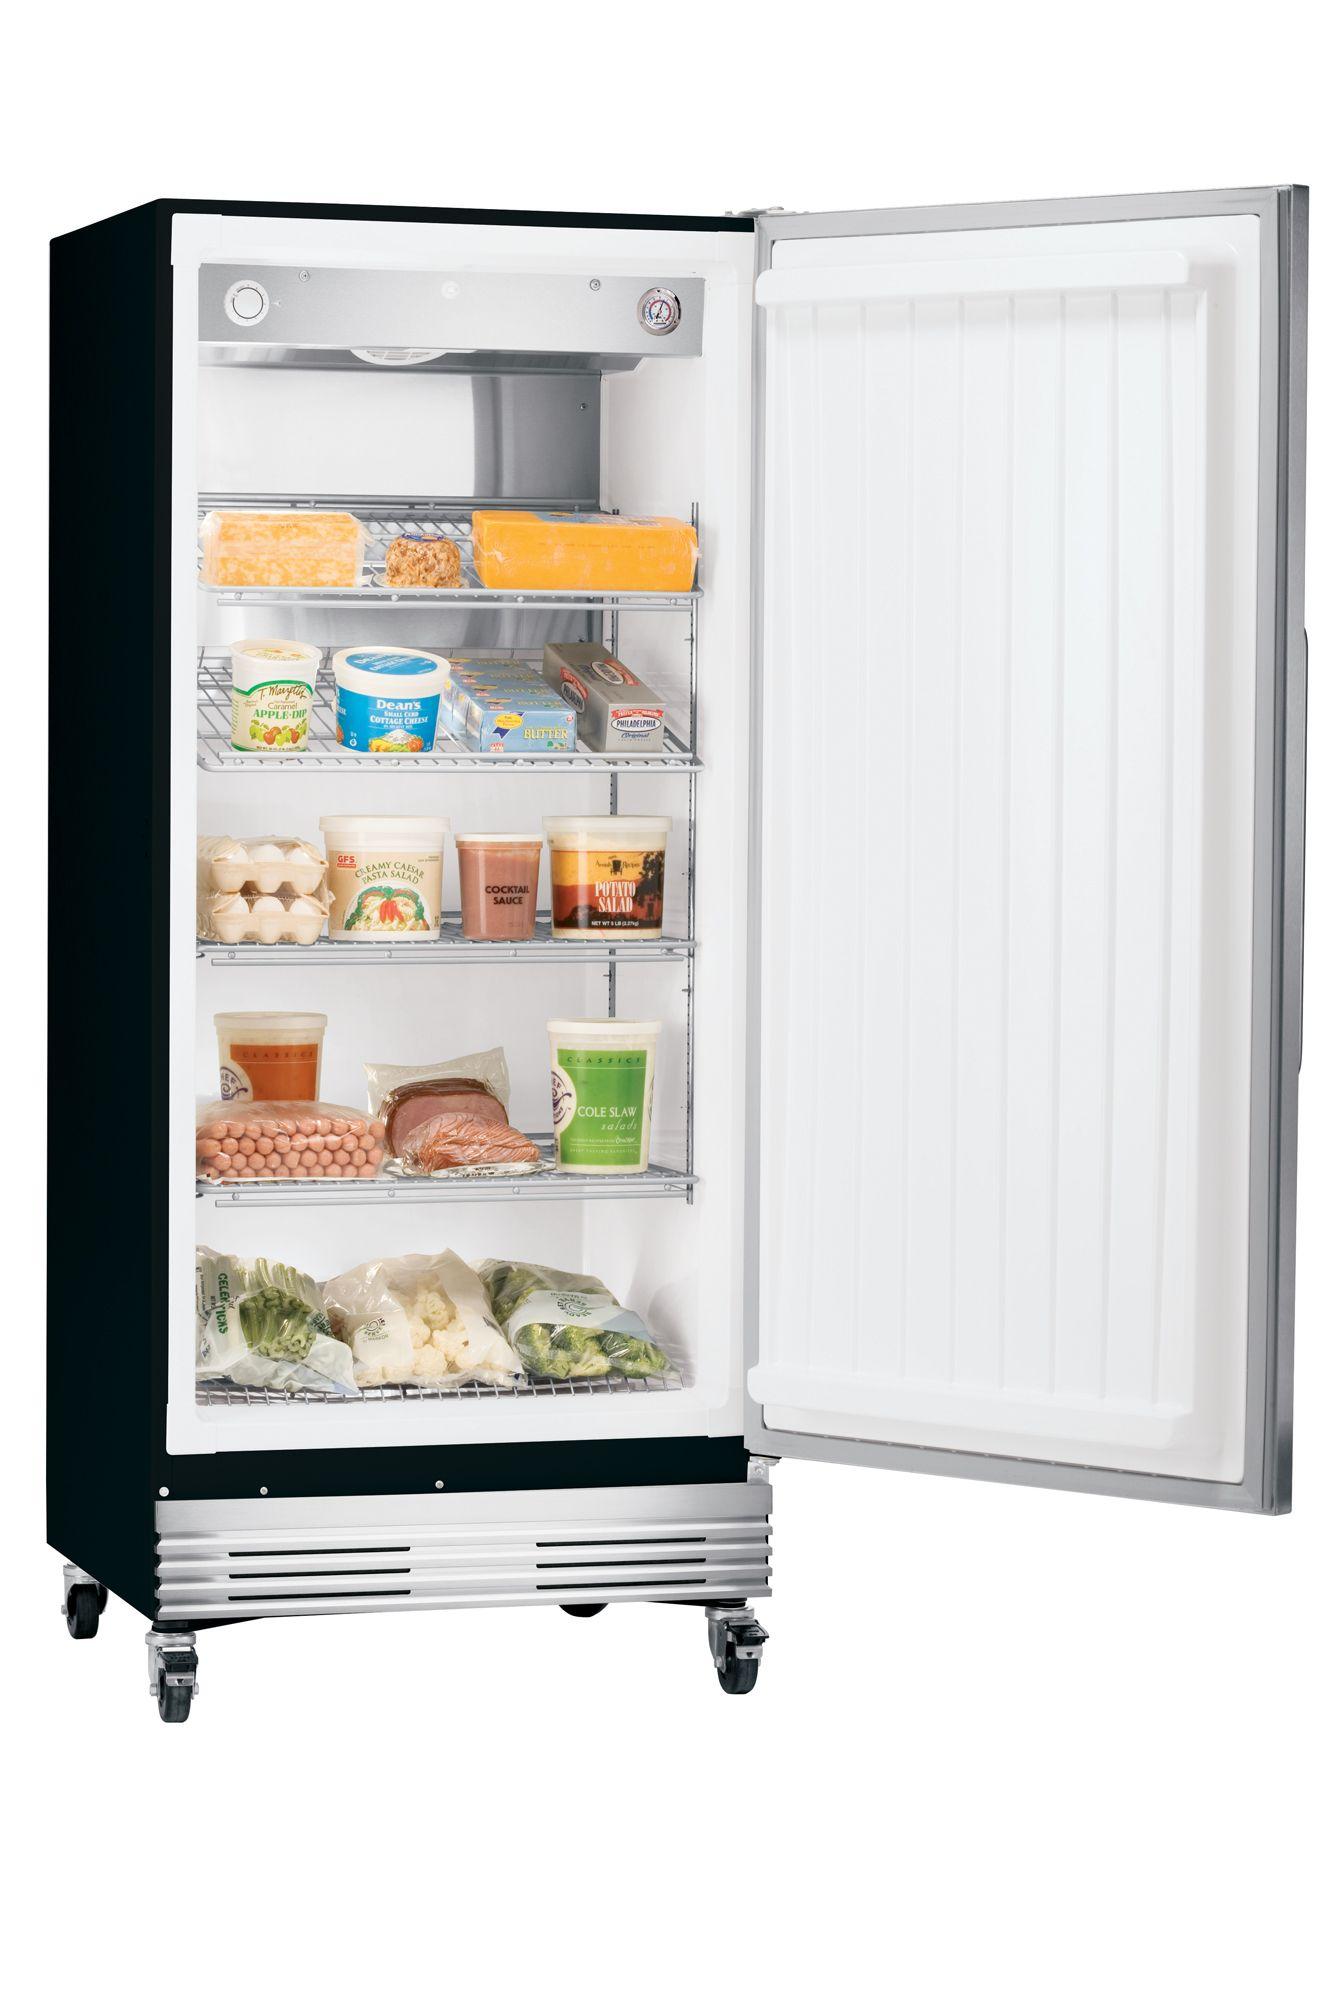 Frigidaire Commercial 19.53 cu. ft. Refrigerator